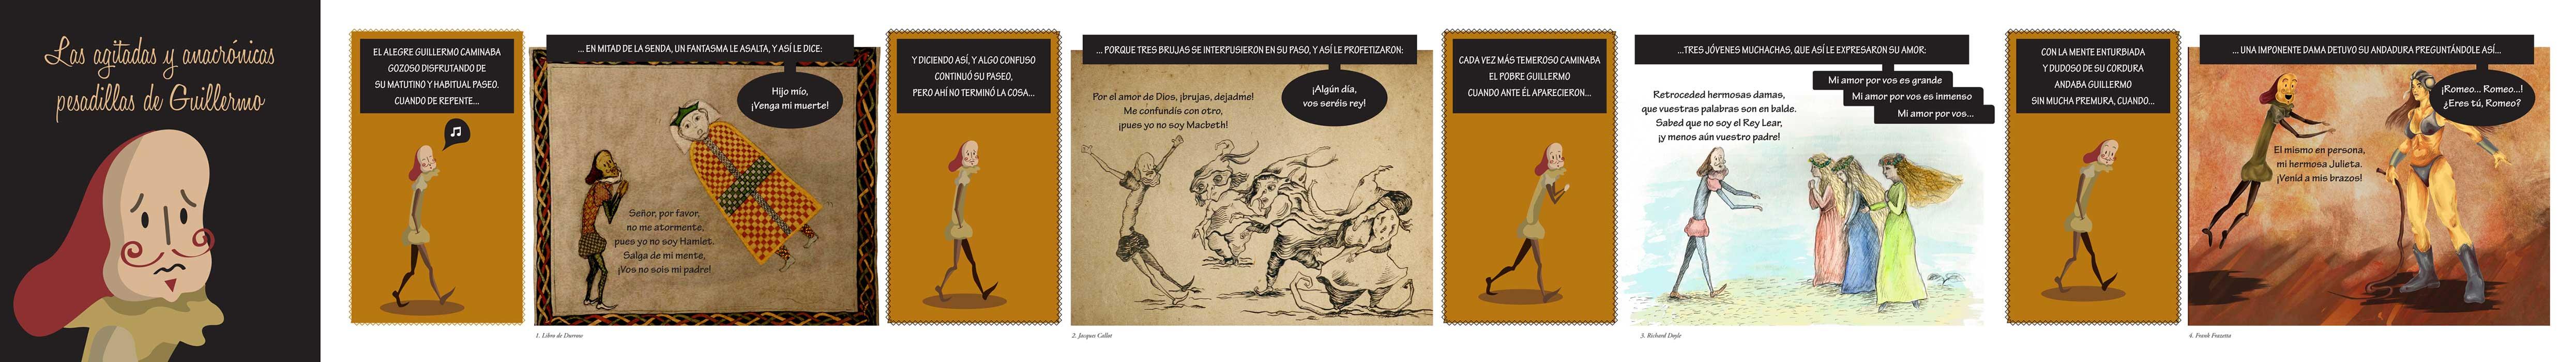 Historia completa Shakespeare